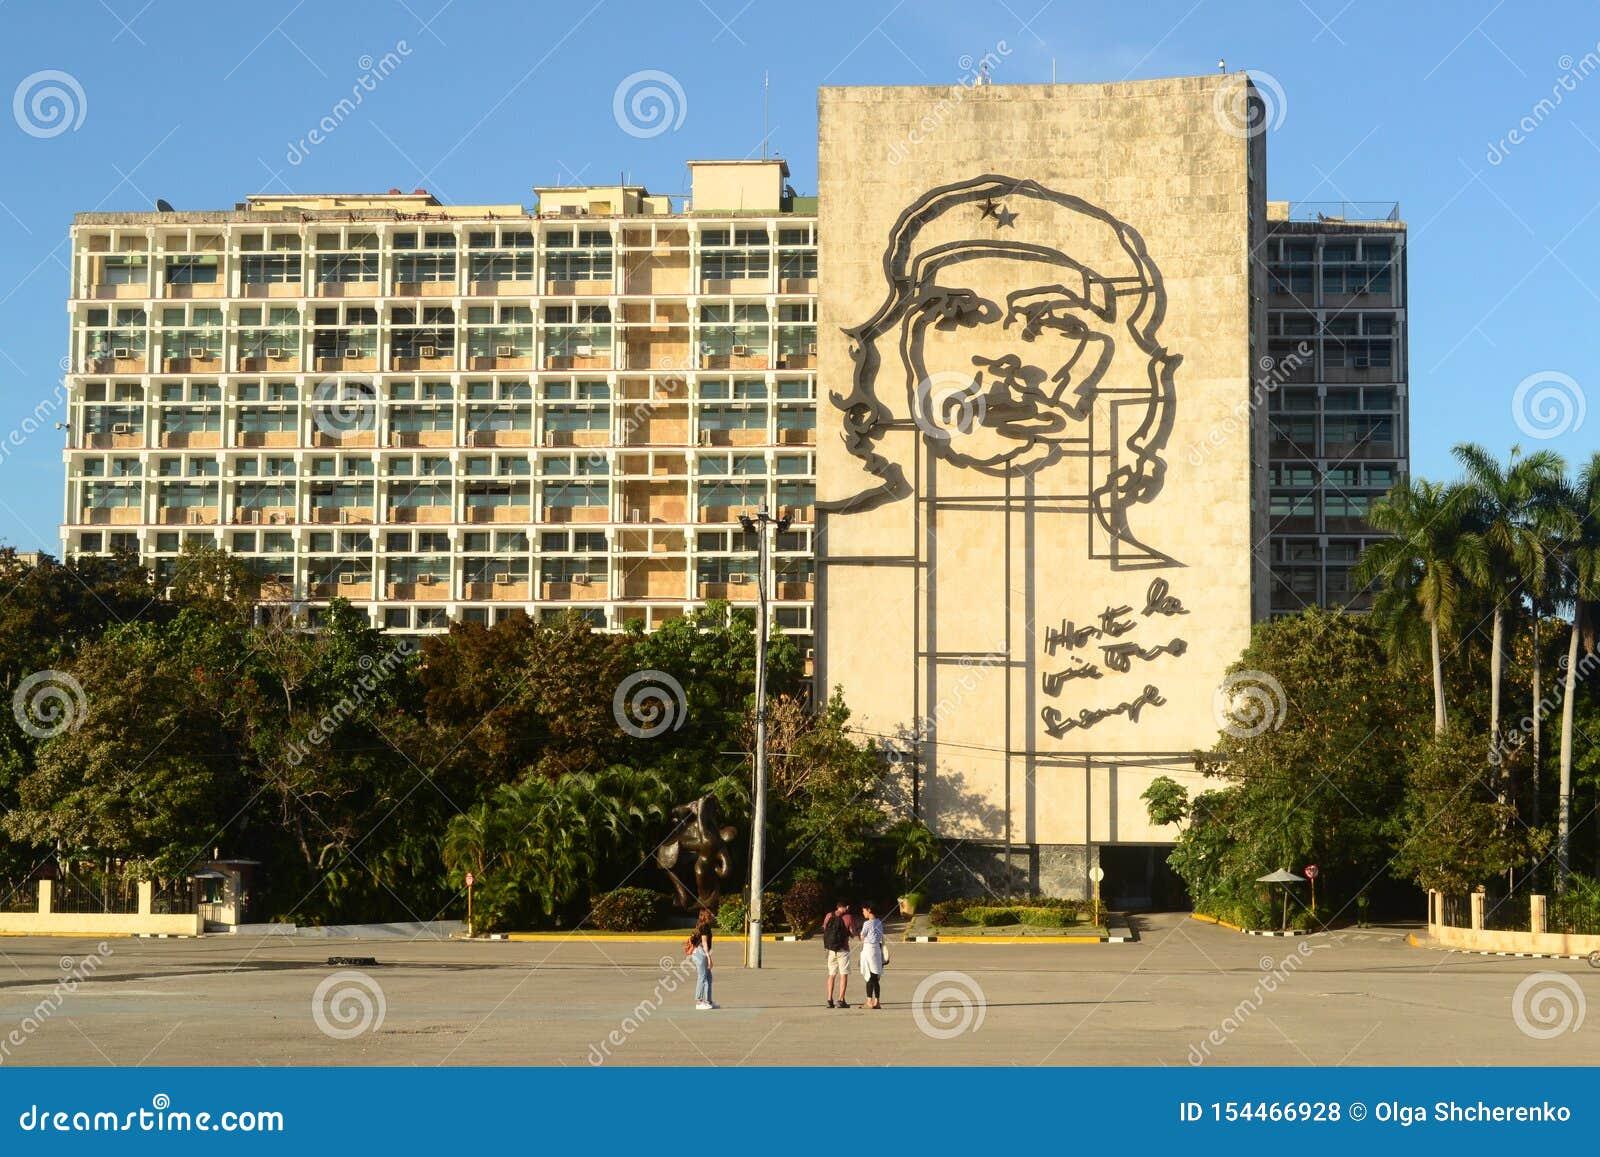 Paysage urbain Place de révolution à La Havane, Cuba